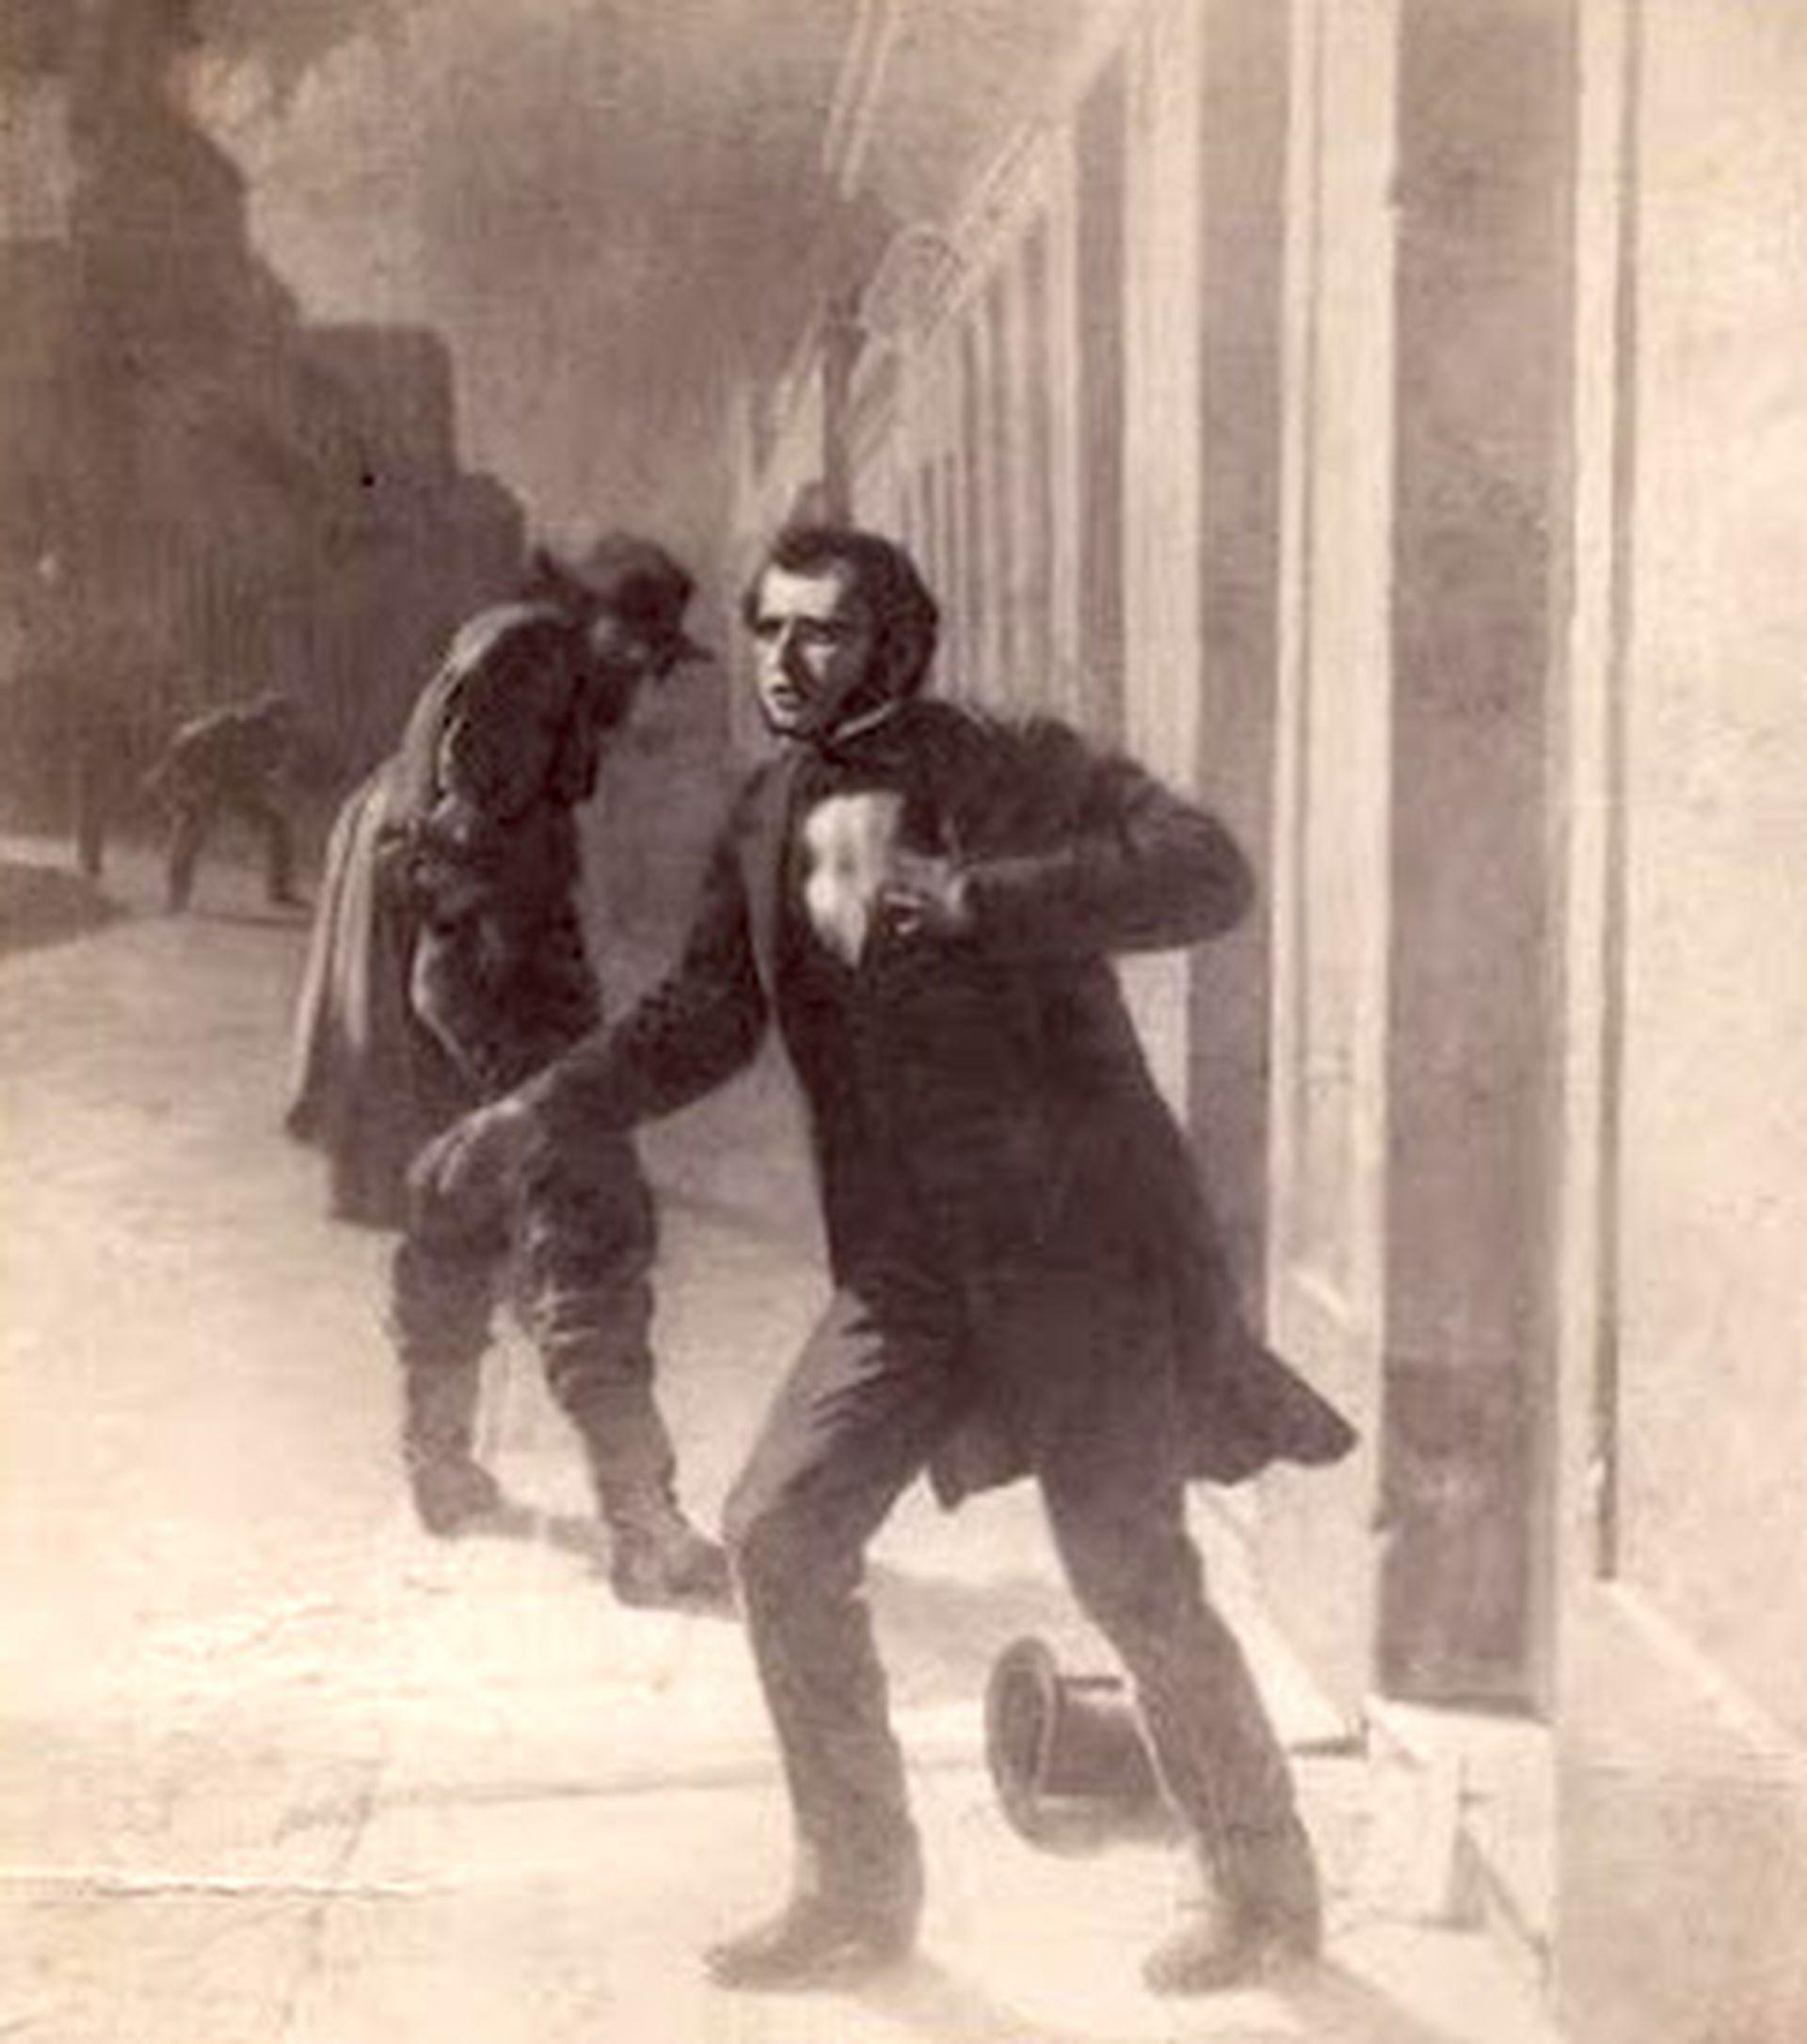 El 20 de marzo de 1848, un sicario apuñaló a Florencio Varela, publicista del partido Unitario, cuando ingresaba a su casa en la ciudad de Montevideo.